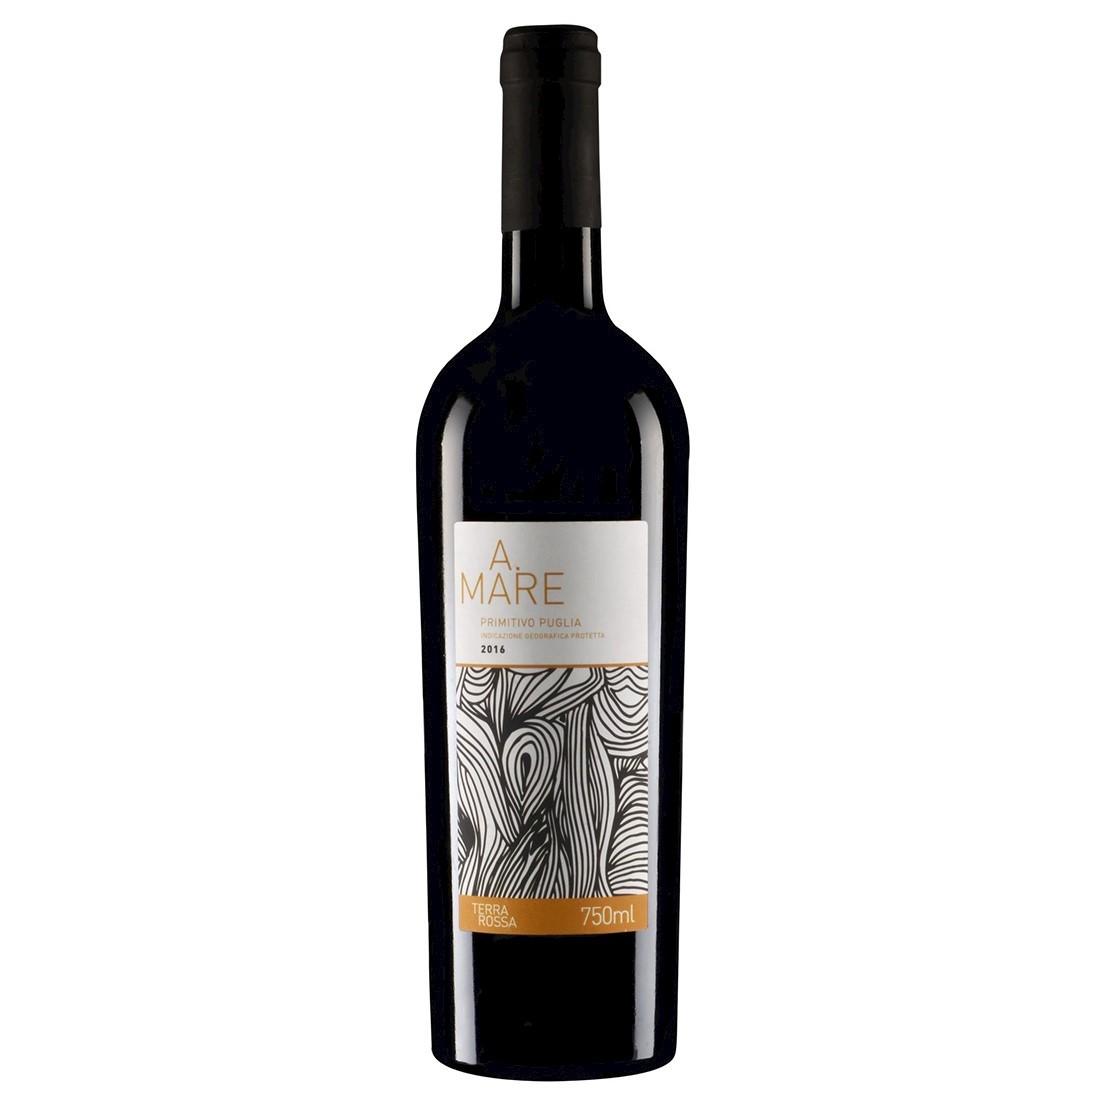 Vinho Italiano Dai Terra Rossa A.Mare Primitivo Puglia IGP 2019(750ml)